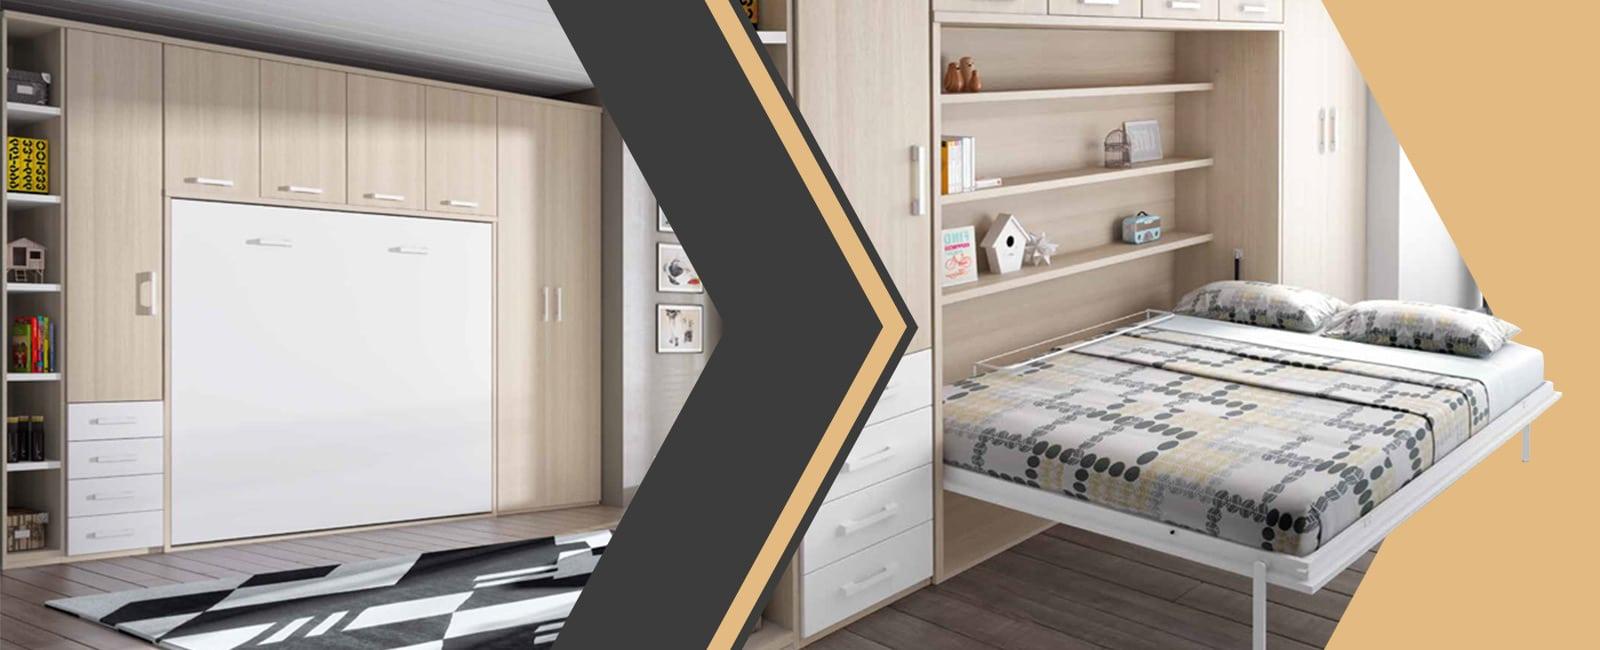 Armoire-Lit escamotable : votre chambre devient une pièce à vivre